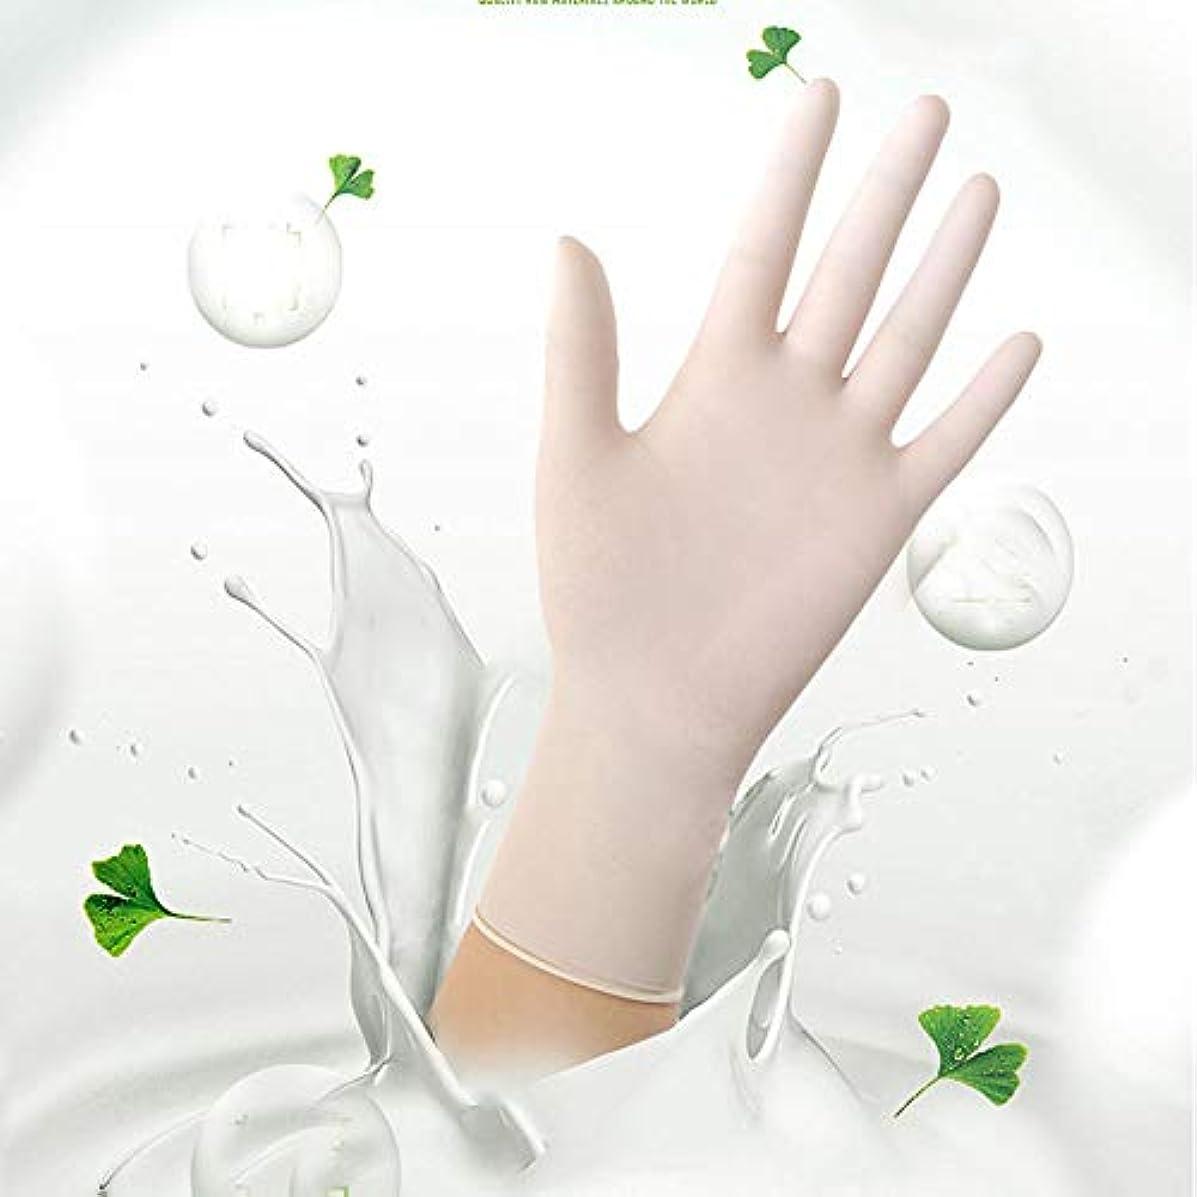 皮肉不振やりすぎニトリル検査用手袋 - 医療用グレード、パウダーフリー、ラテックスラバーフリー、使い捨て、非滅菌、食品安全、インディゴ色、100カウント、サイズS-L (Color : White, Size : S)